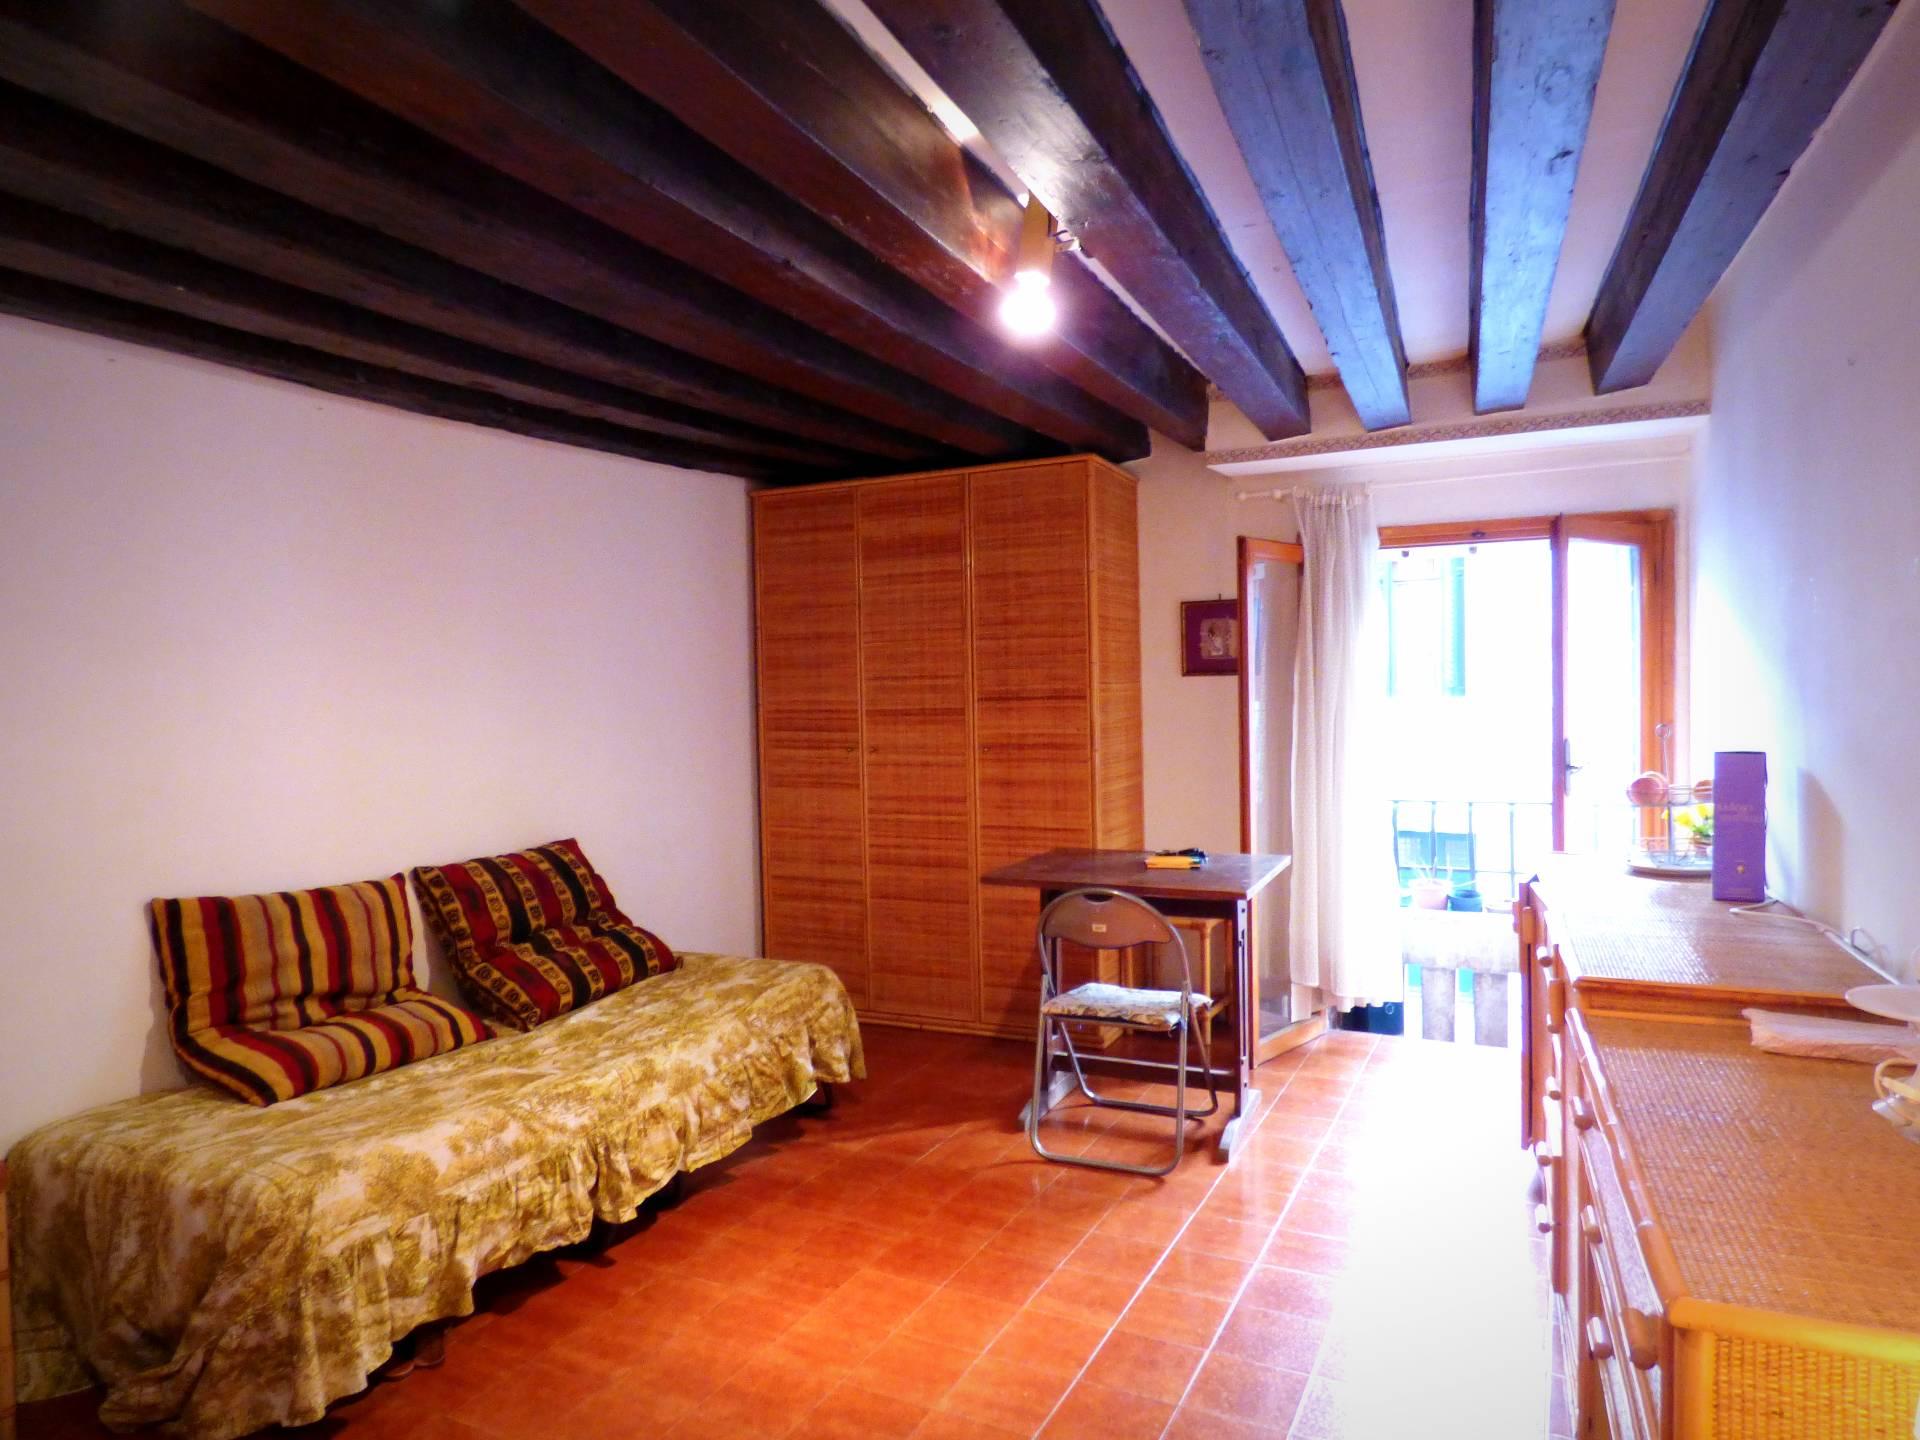 Appartamento in vendita a Venezia, 4 locali, zona Zona: 4 . Castello, prezzo € 320.000 | Cambio Casa.it